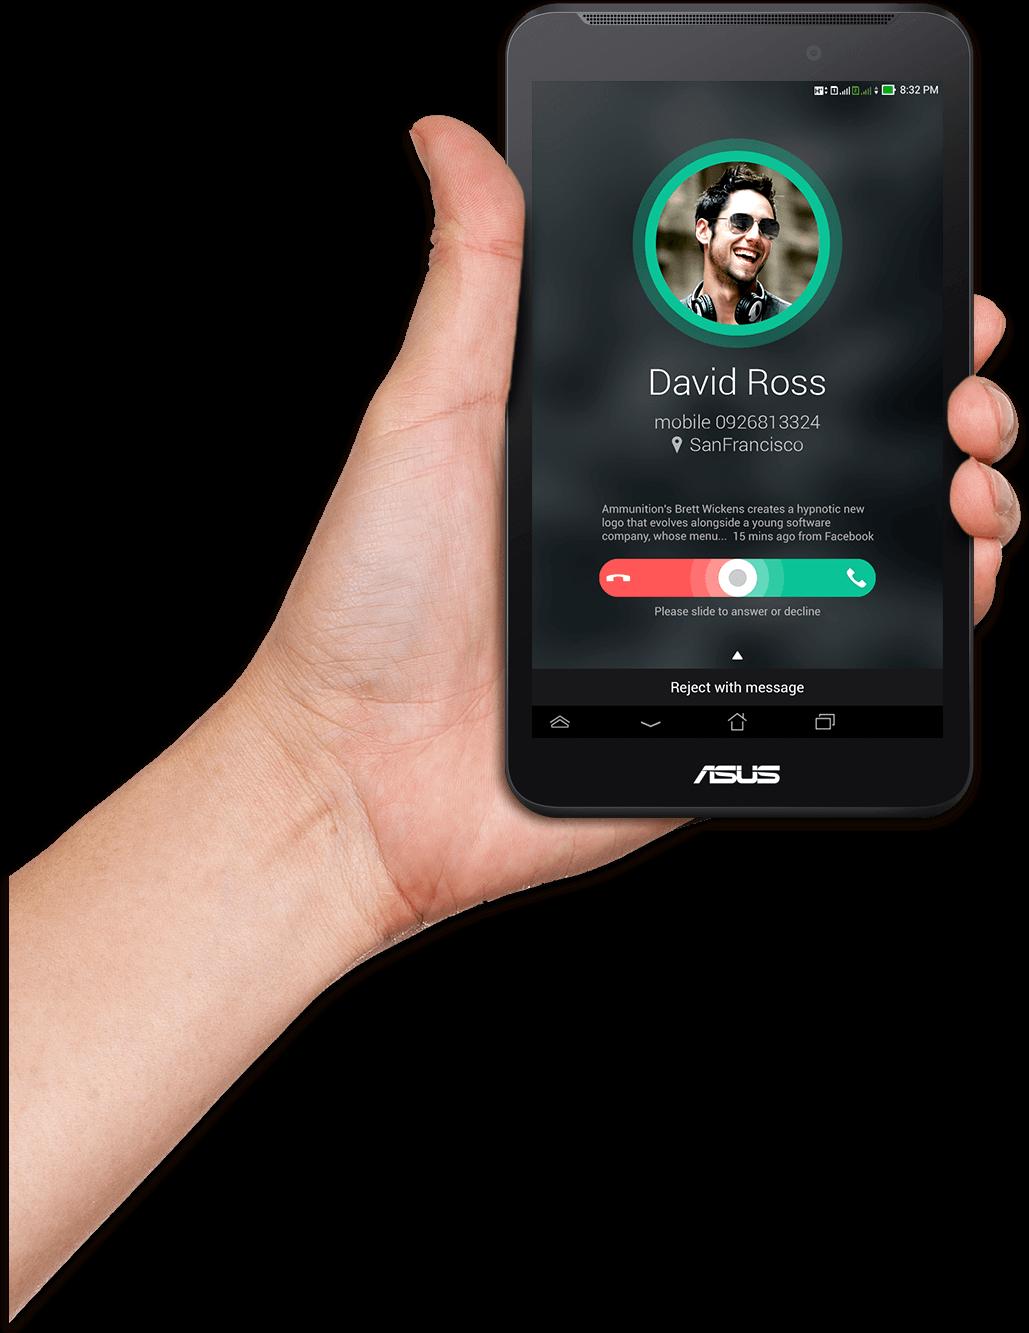 ASUS Fonepad 7 (FE170CG) | Phone | ASUS Global